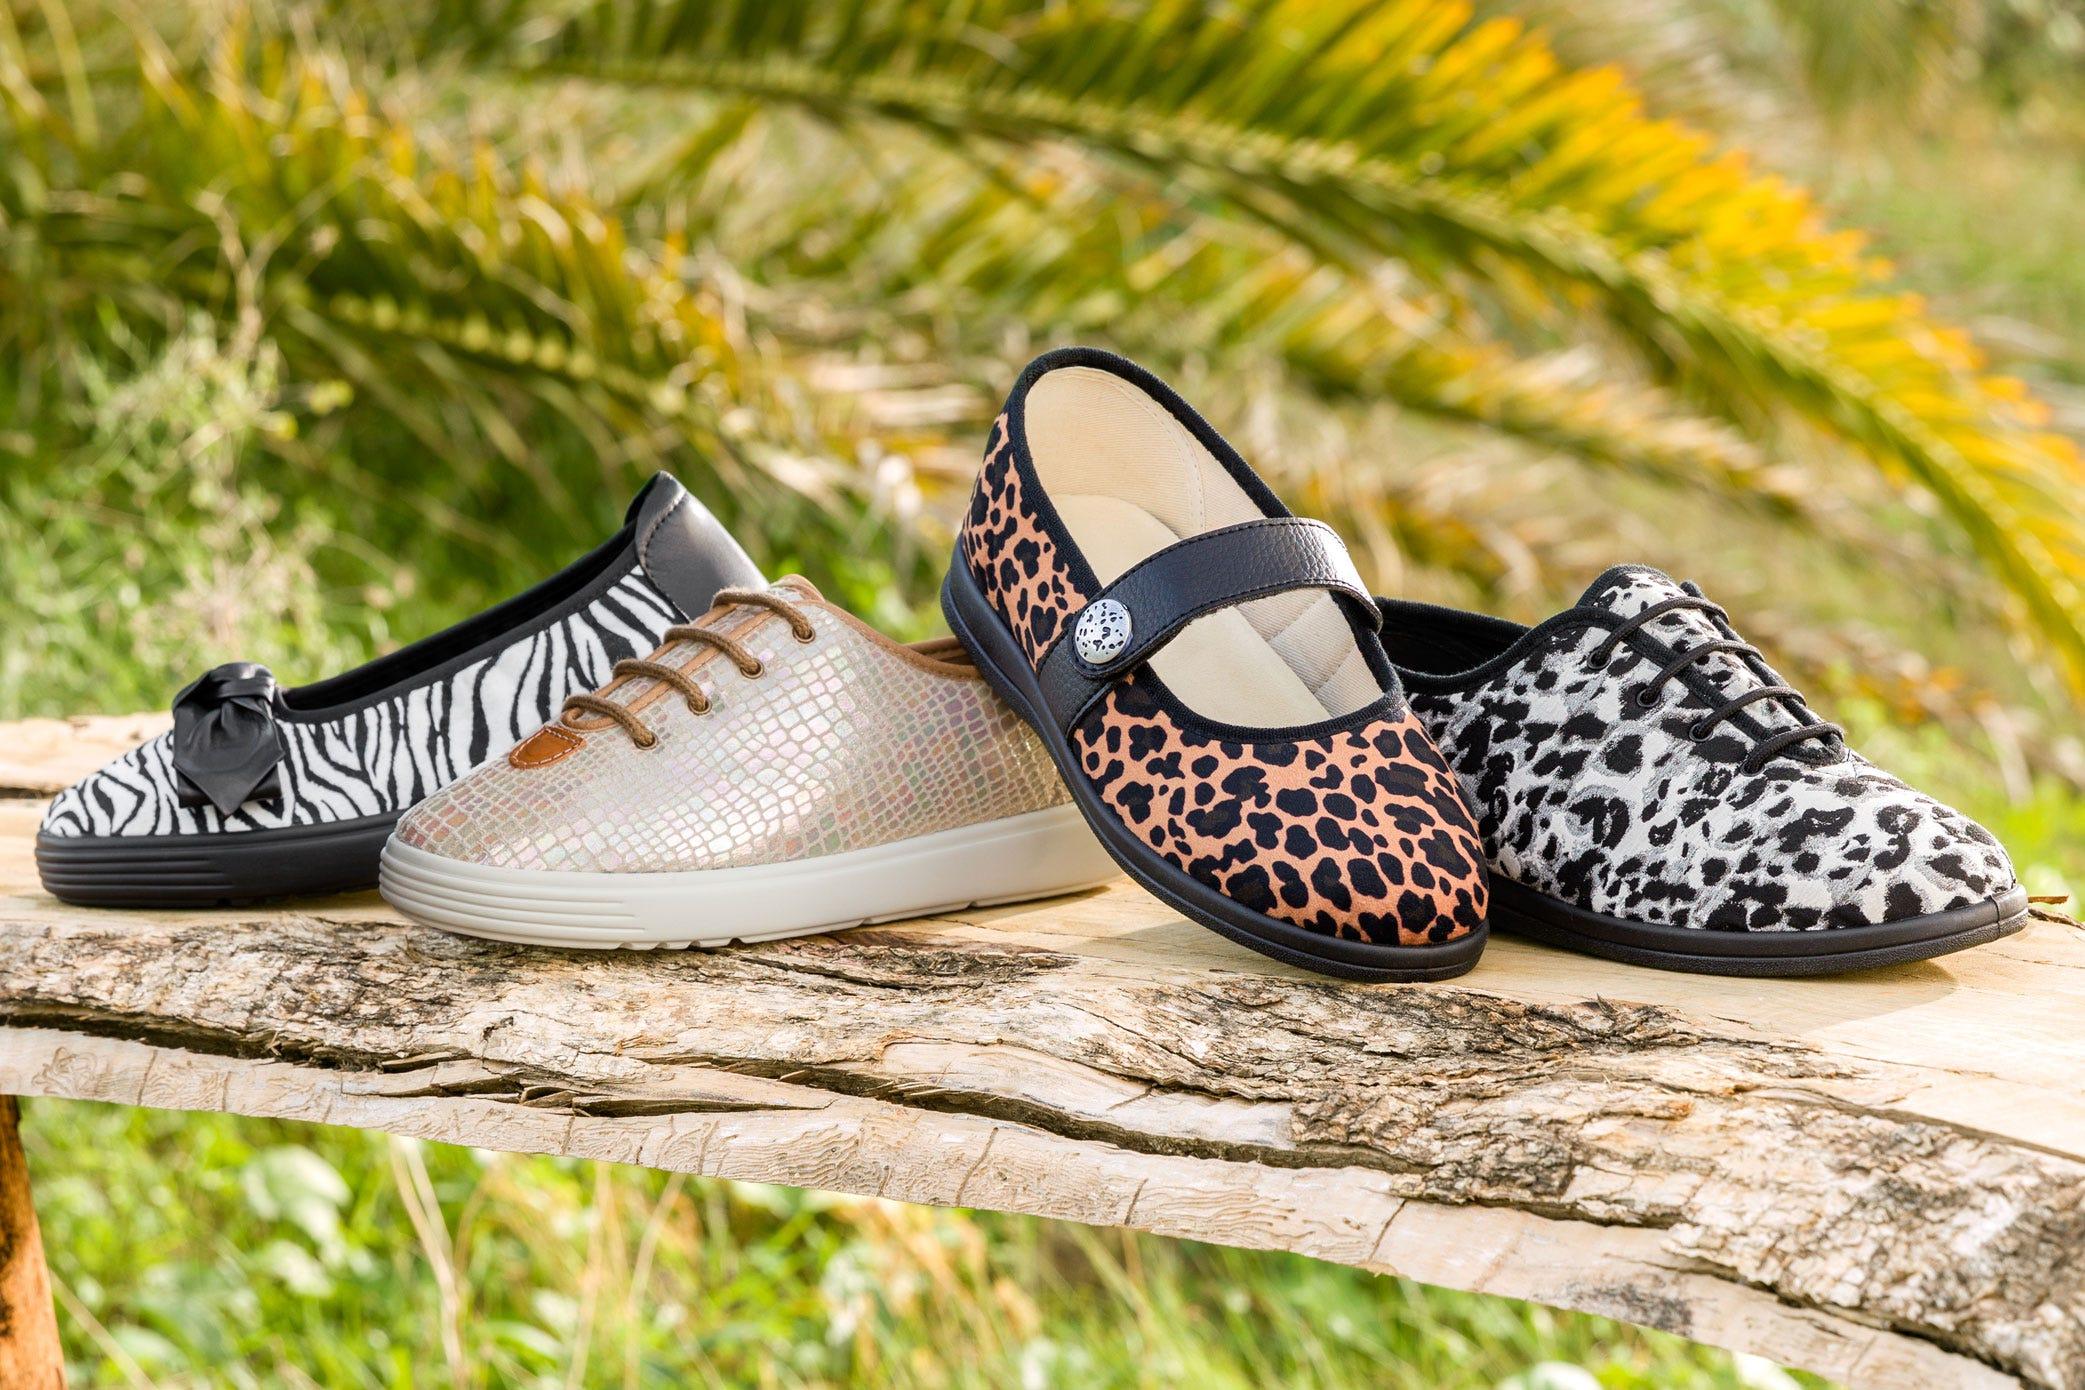 Animal print footwear